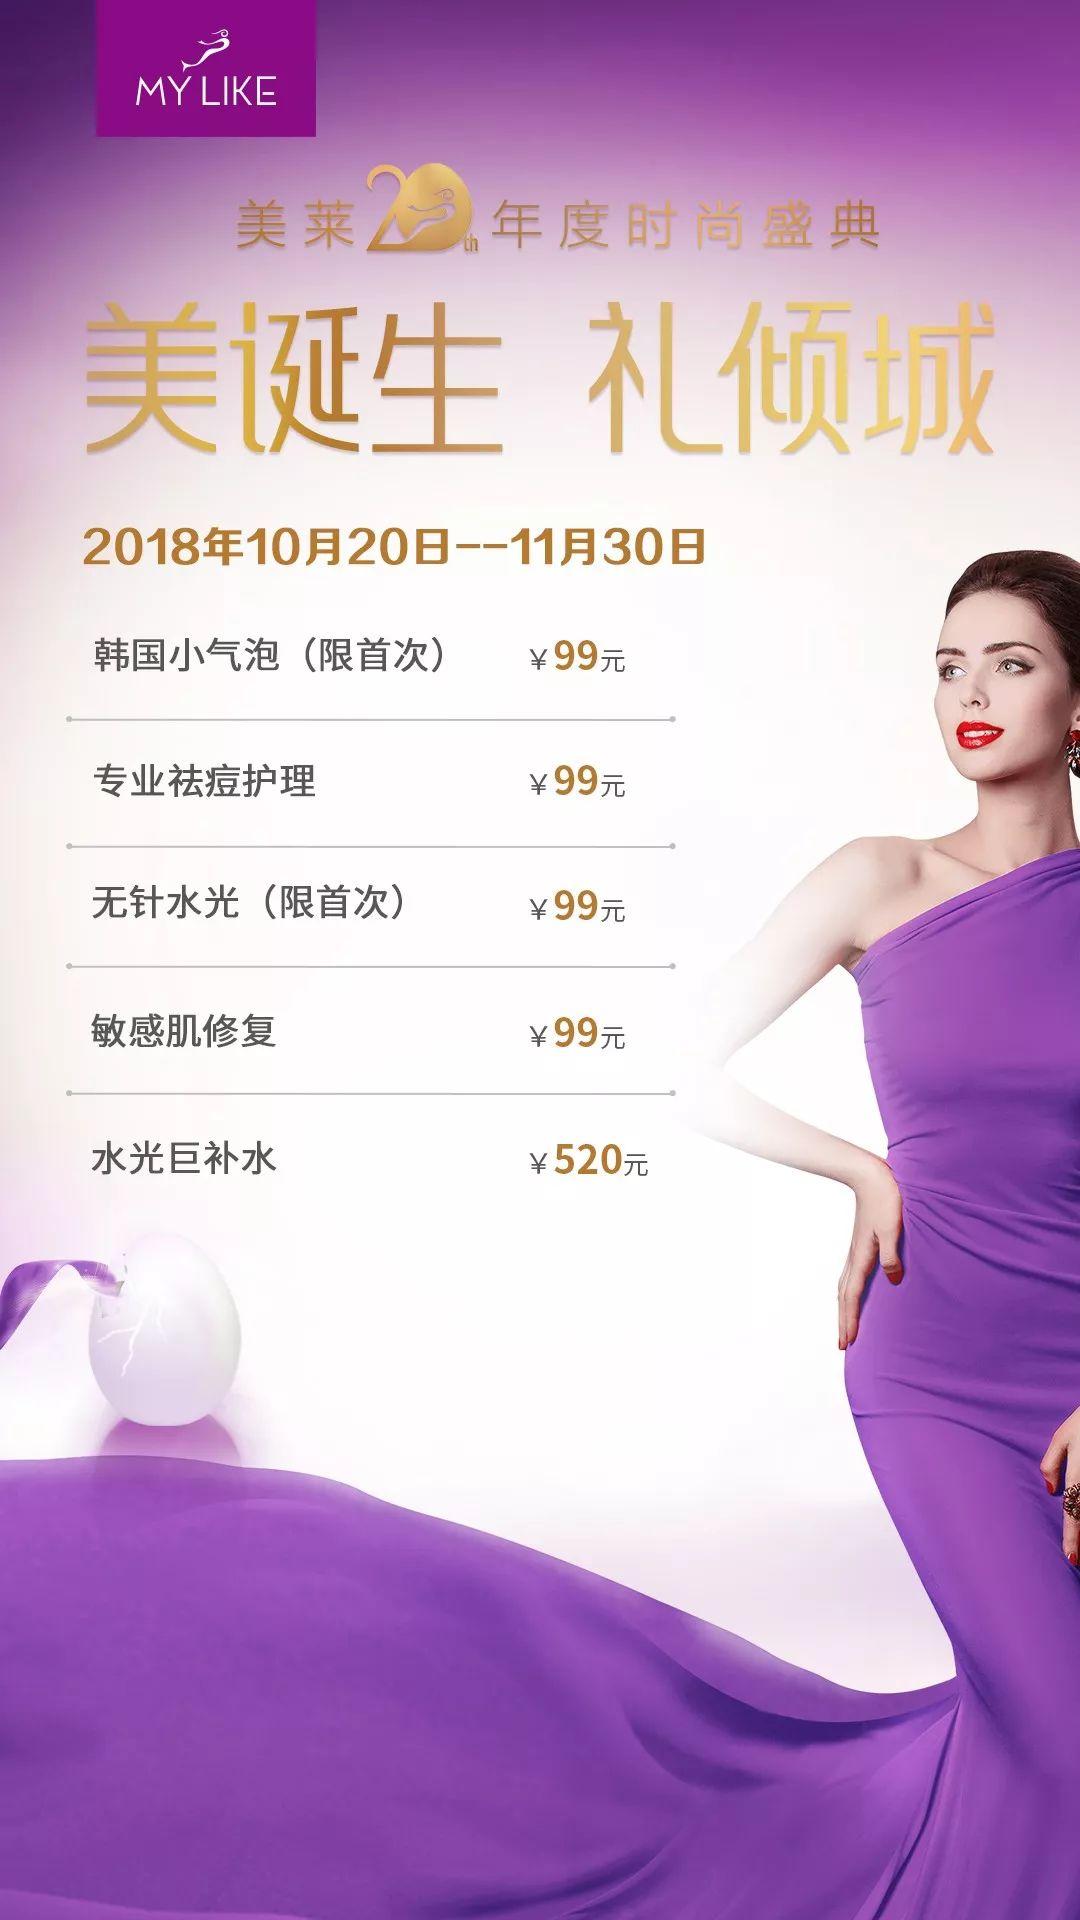 上海美莱周年庆祛痘祛痘印活动